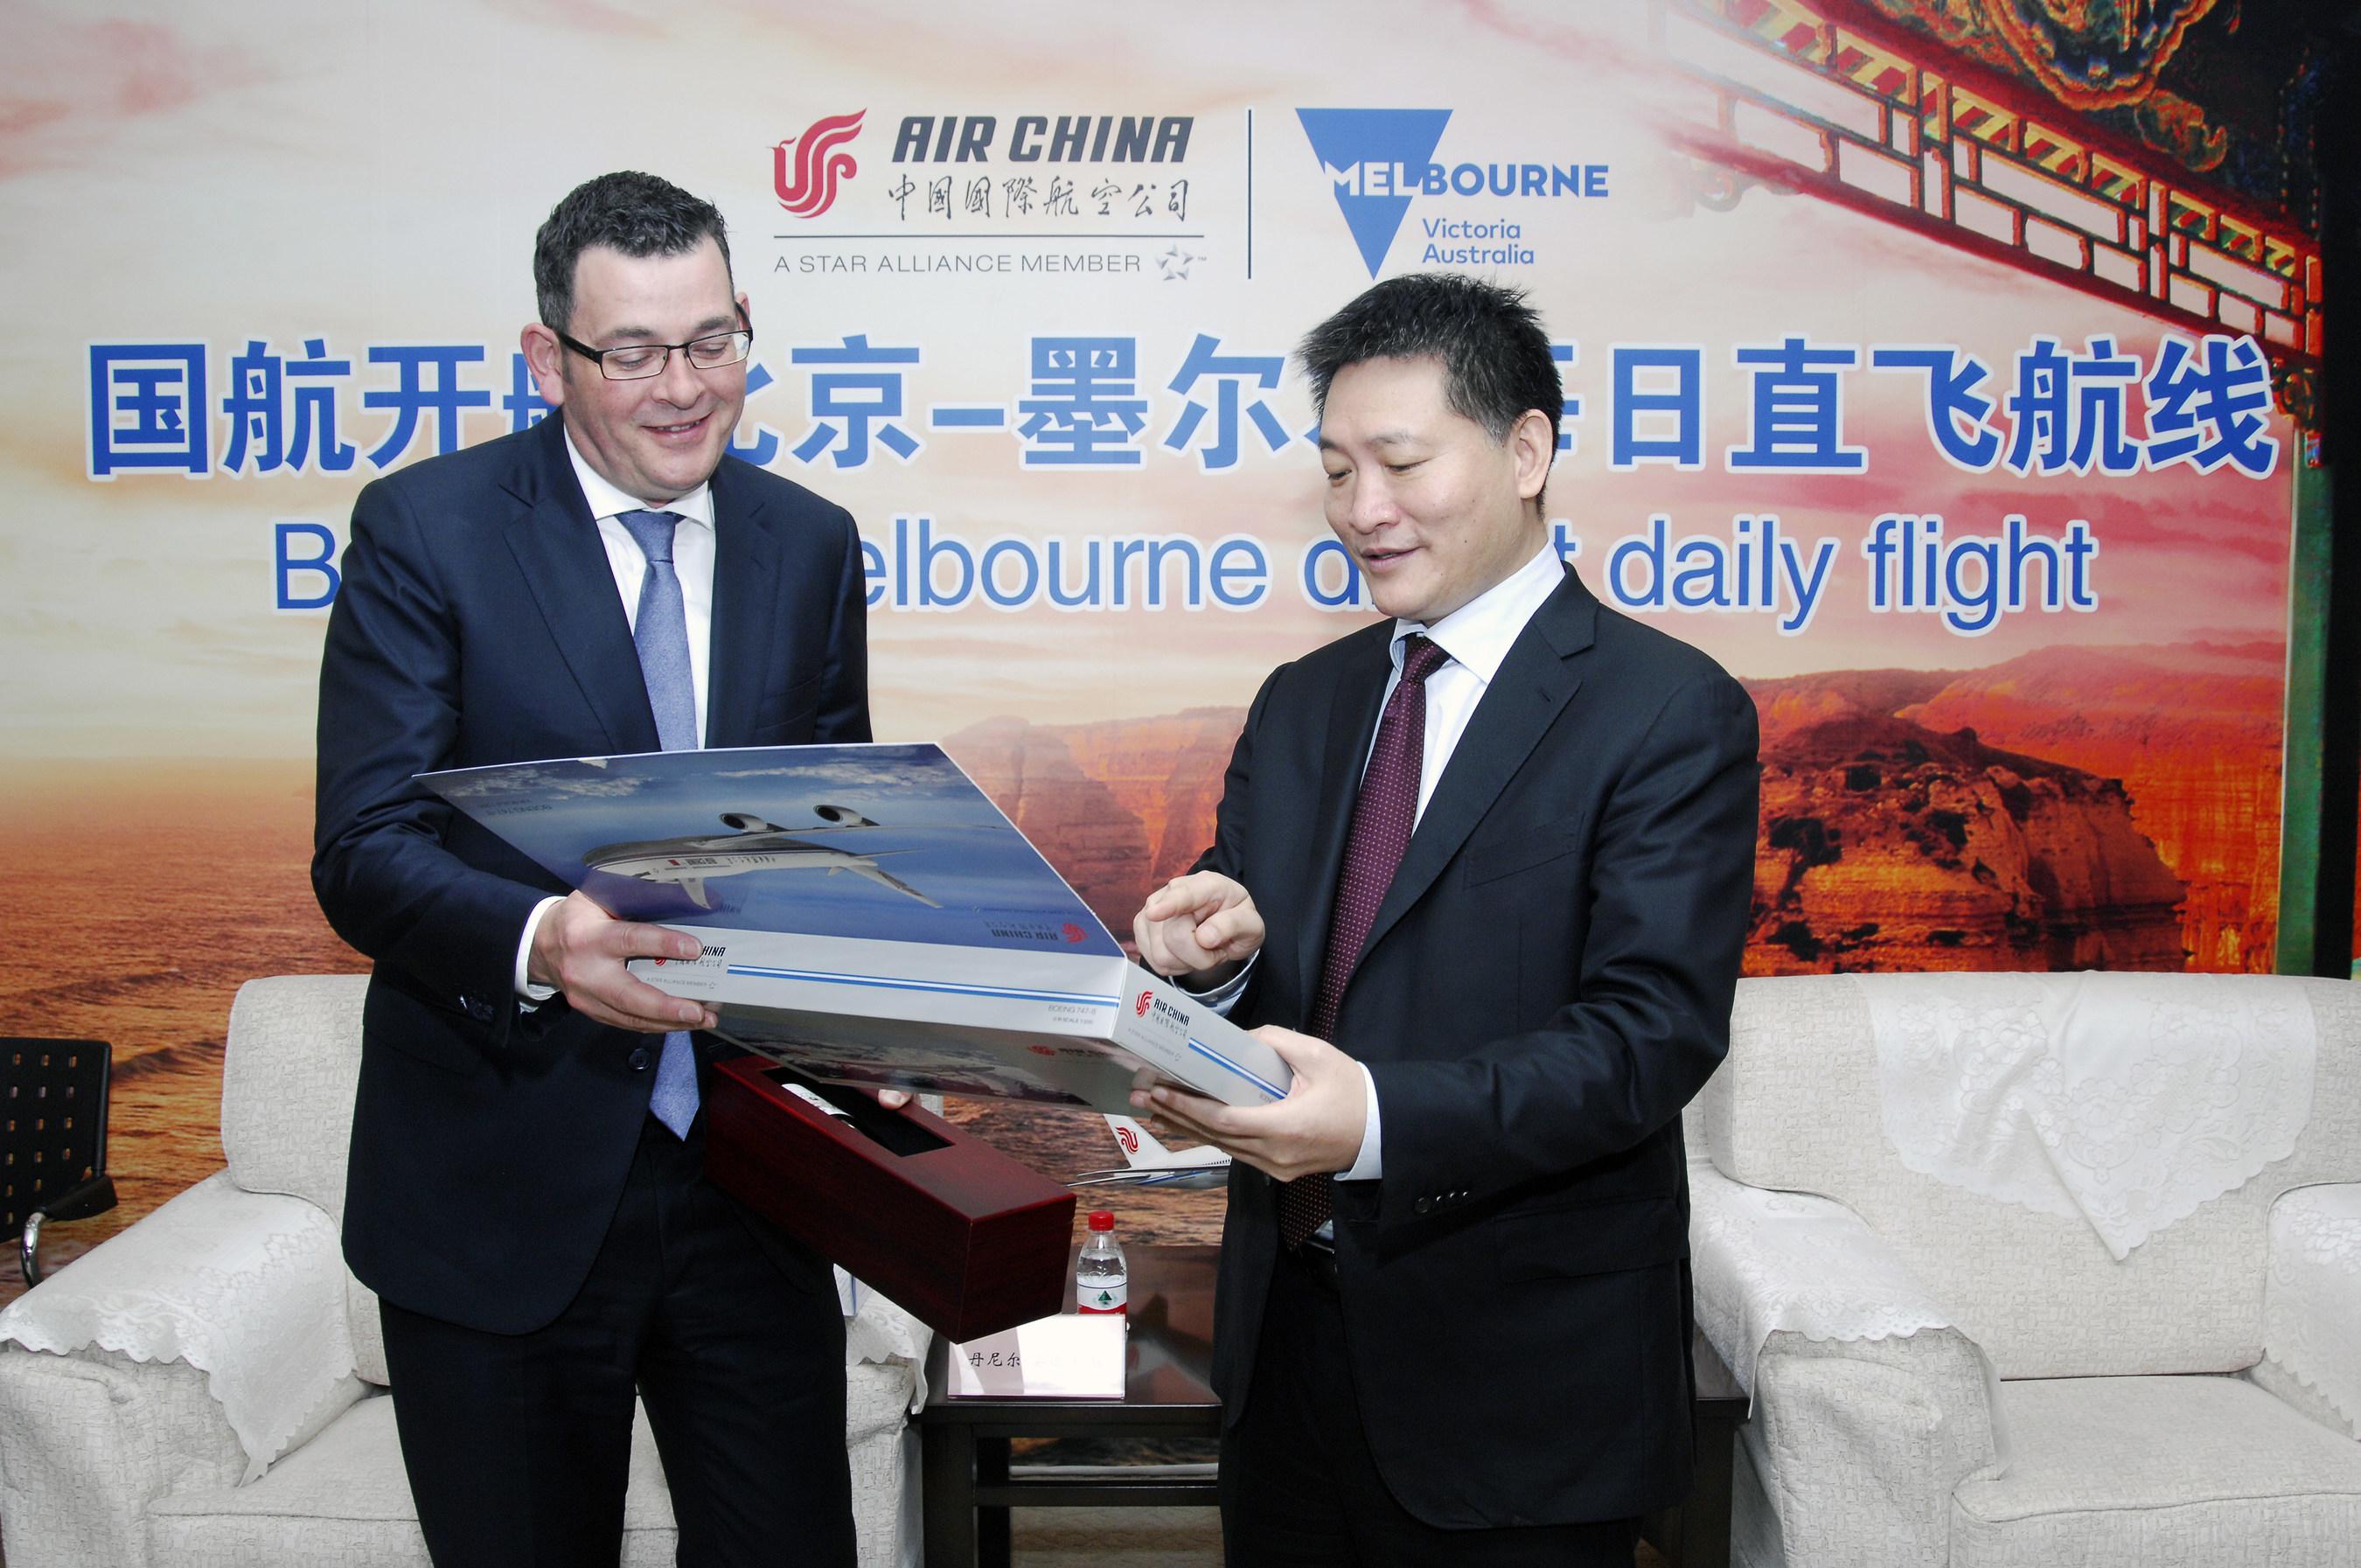 Der Premierminister von Victoria, Herr Daniel Andrews, MP, besuchte die Zentrale von Air China